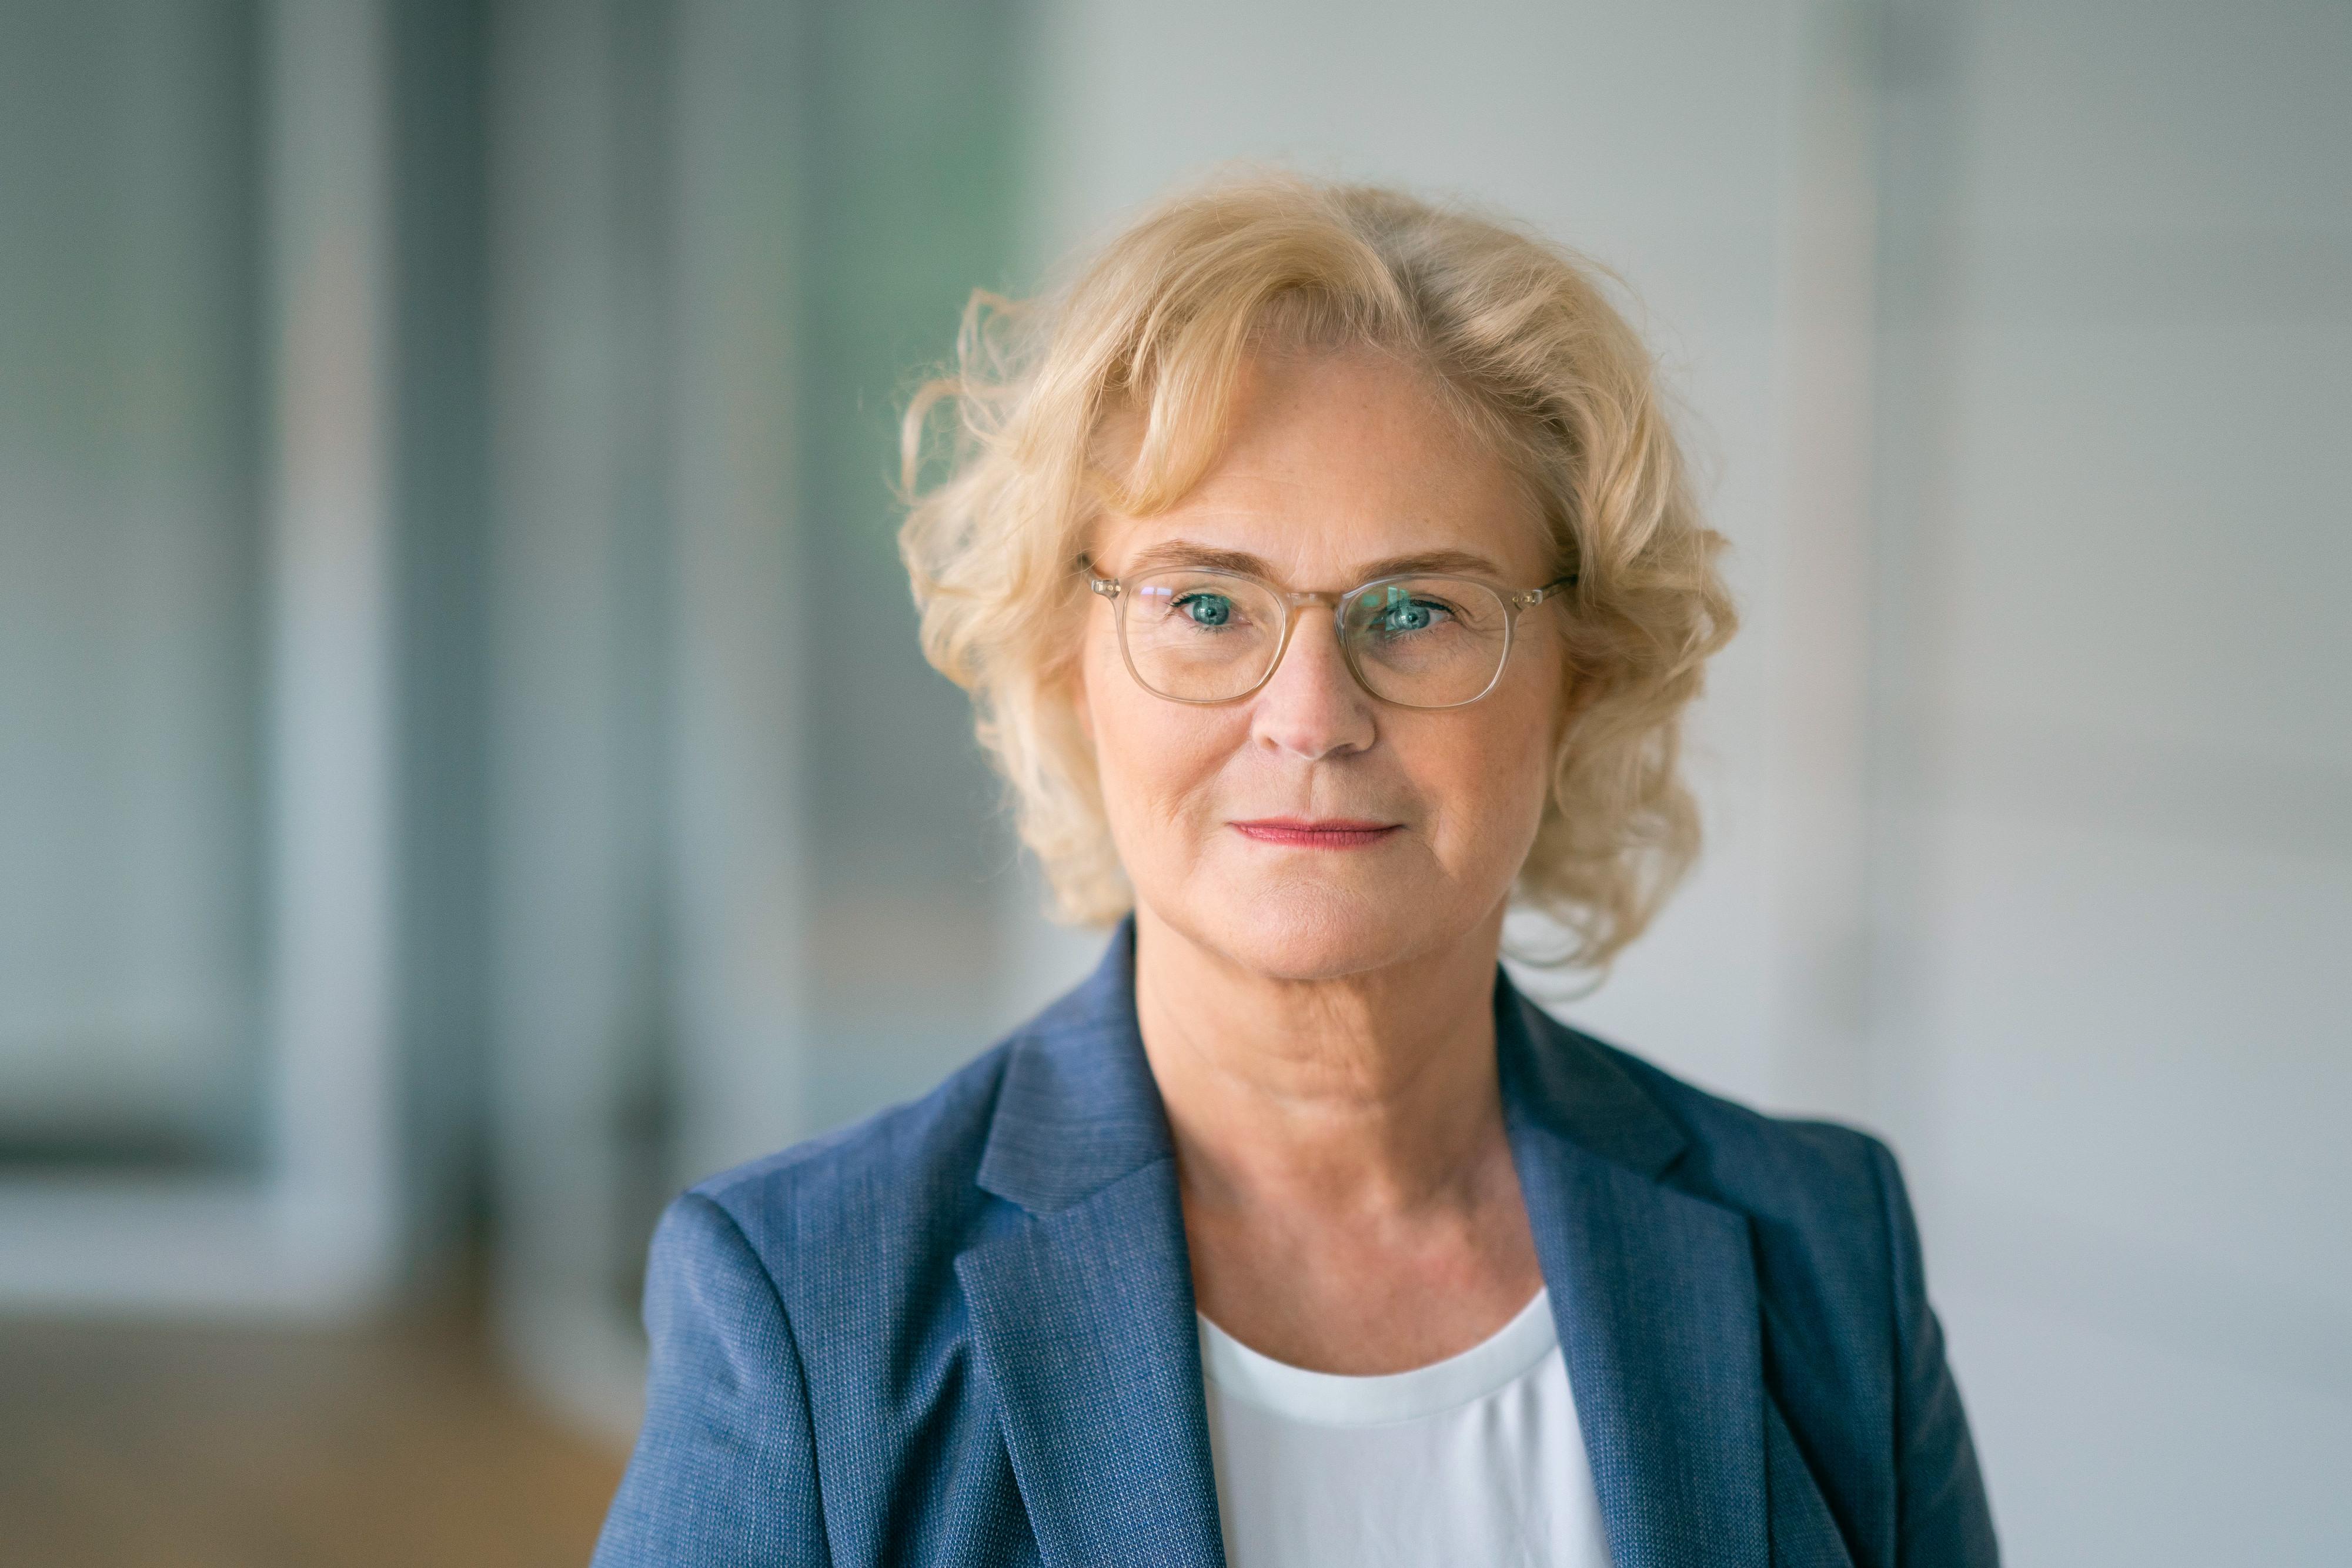 Christine Lambrecht, Bundesministerin der Justiz und für Verbraucherschutz (Foto: Thomas Köhler / photothek)